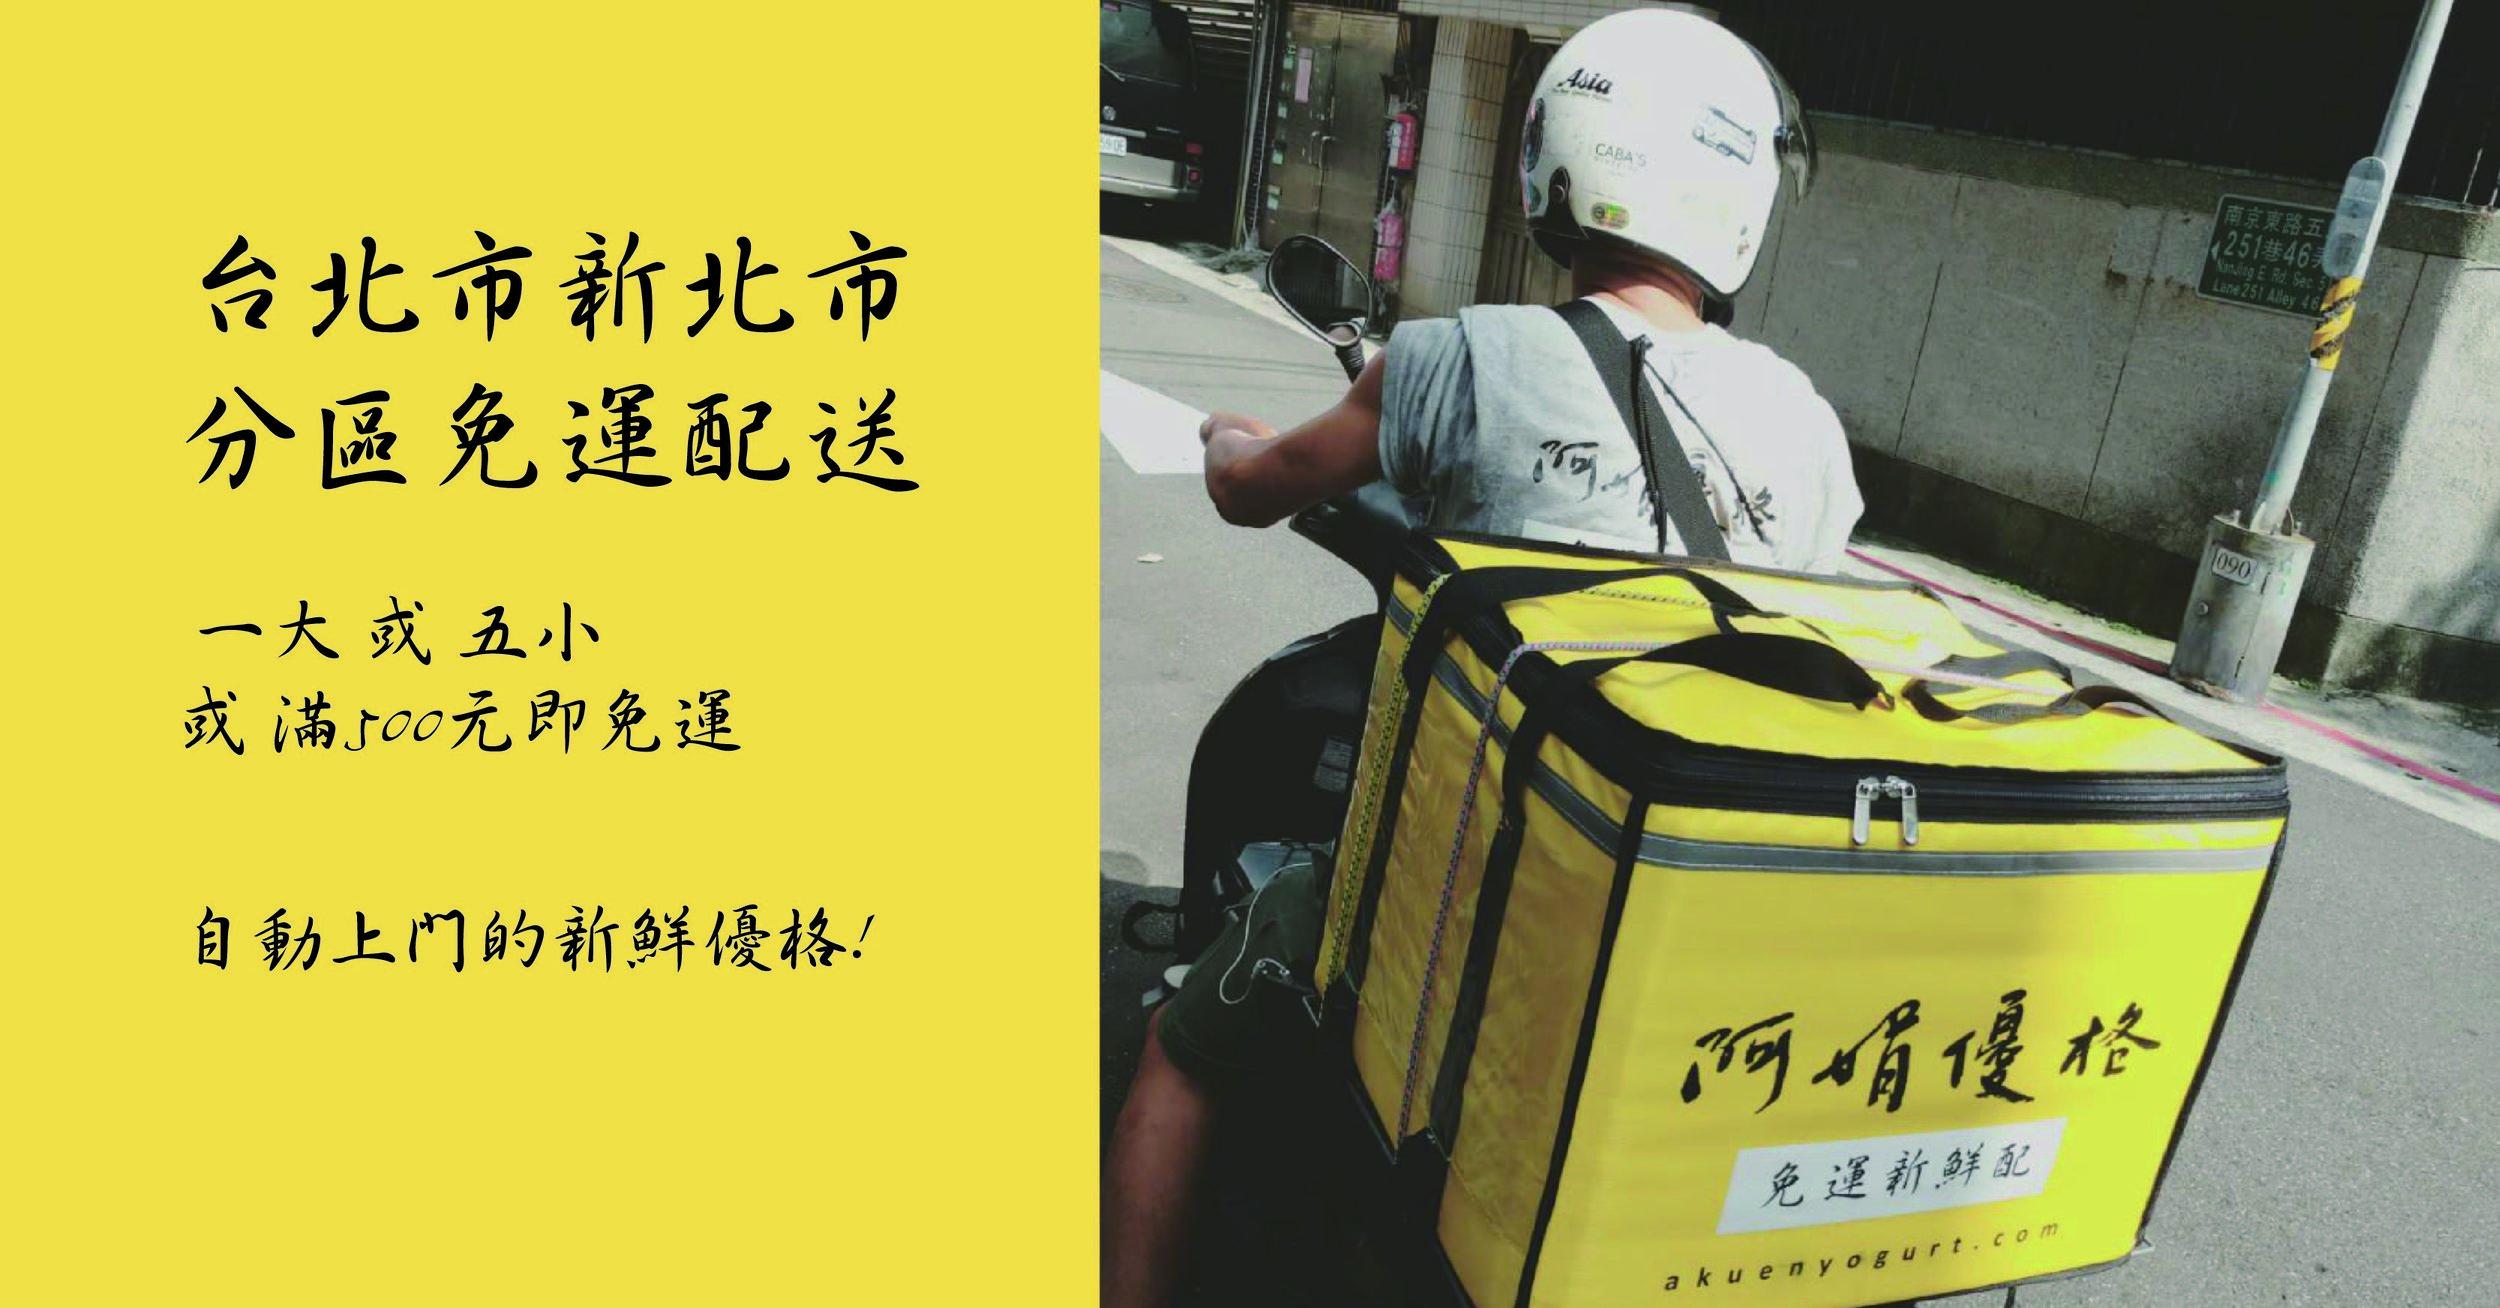 配送banner-01.jpg